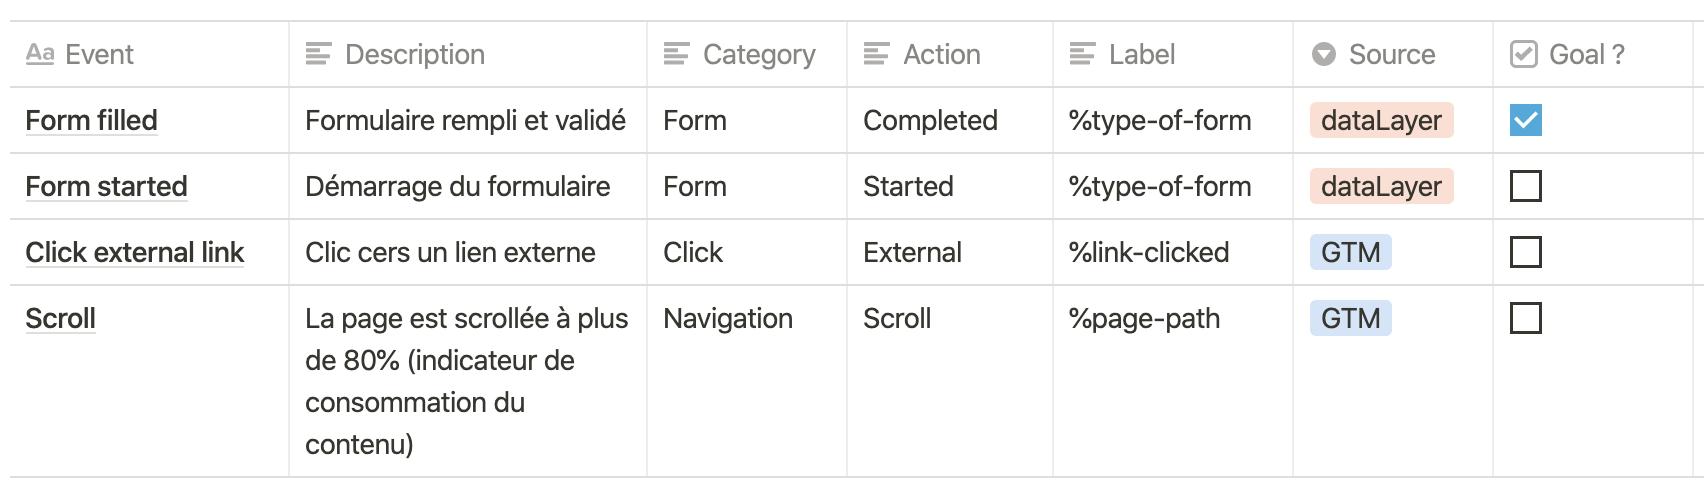 Screenshot 2020 09 29 at 16.07.48   Qu'est-ce qu'un plan de taggage ? Exemple et bonnes pratiques